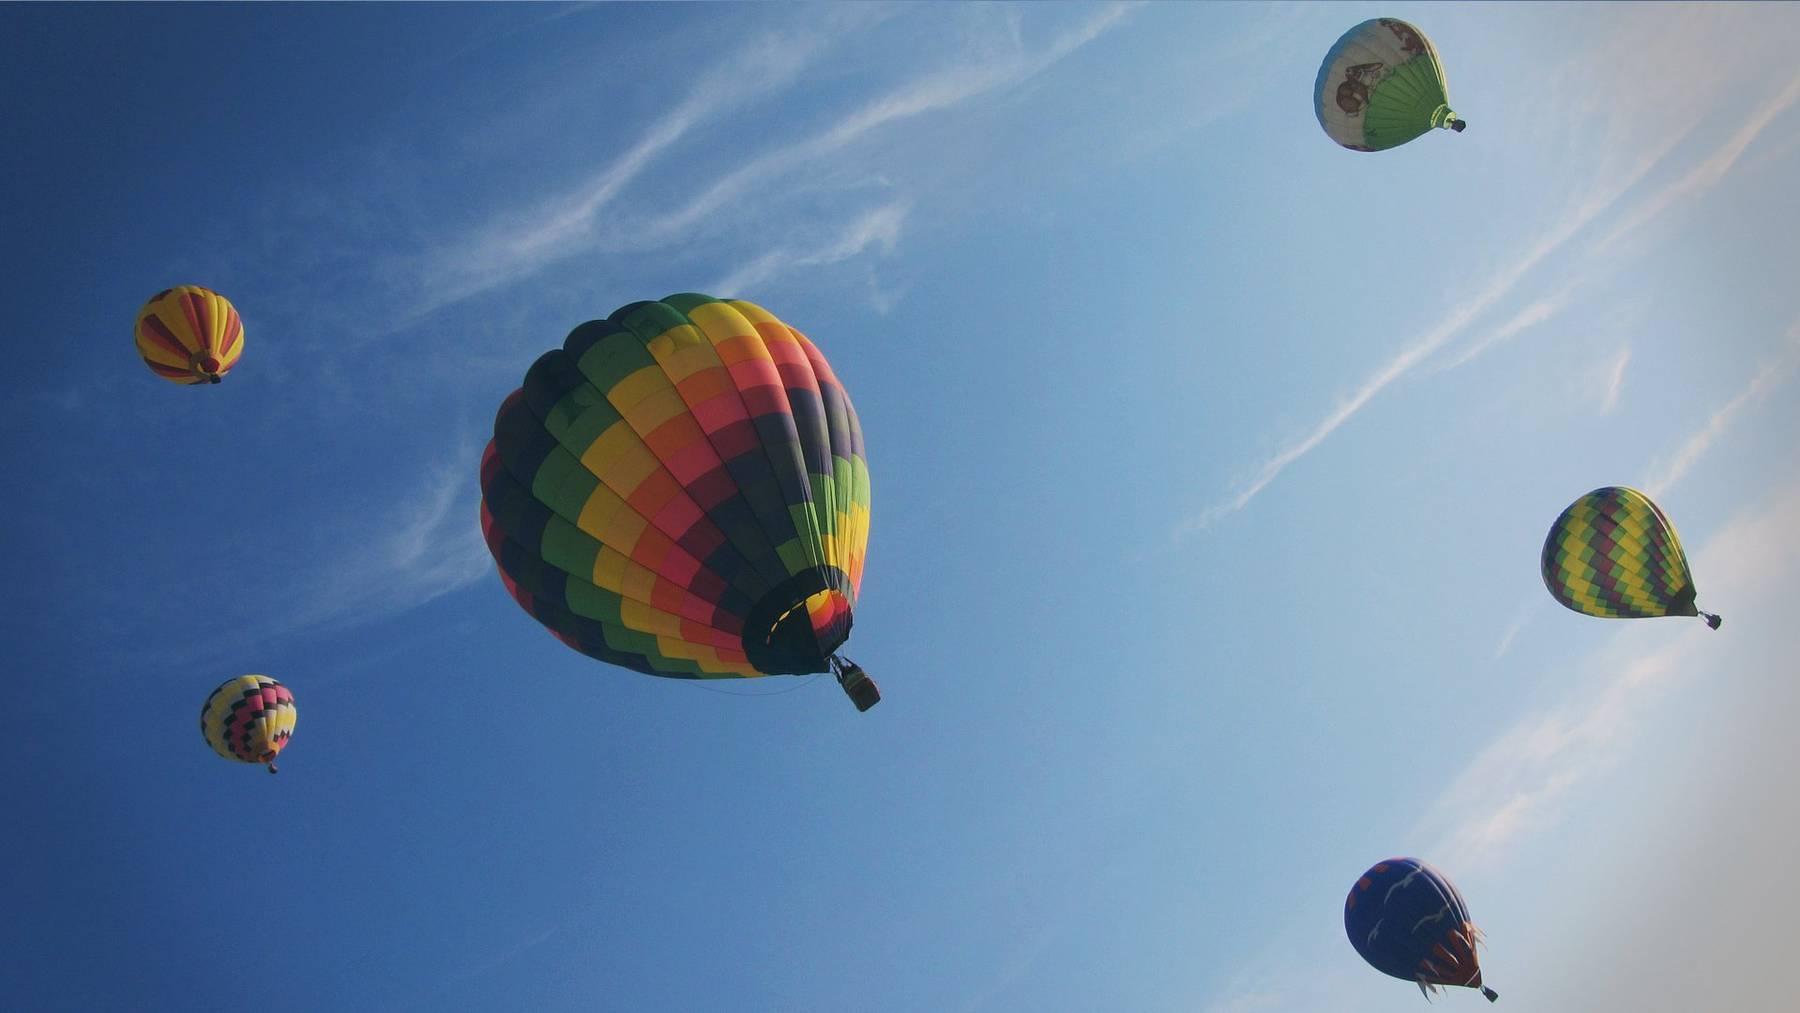 Der Himmel über Widnau ist am Wochenende voller farbiger Ballone.